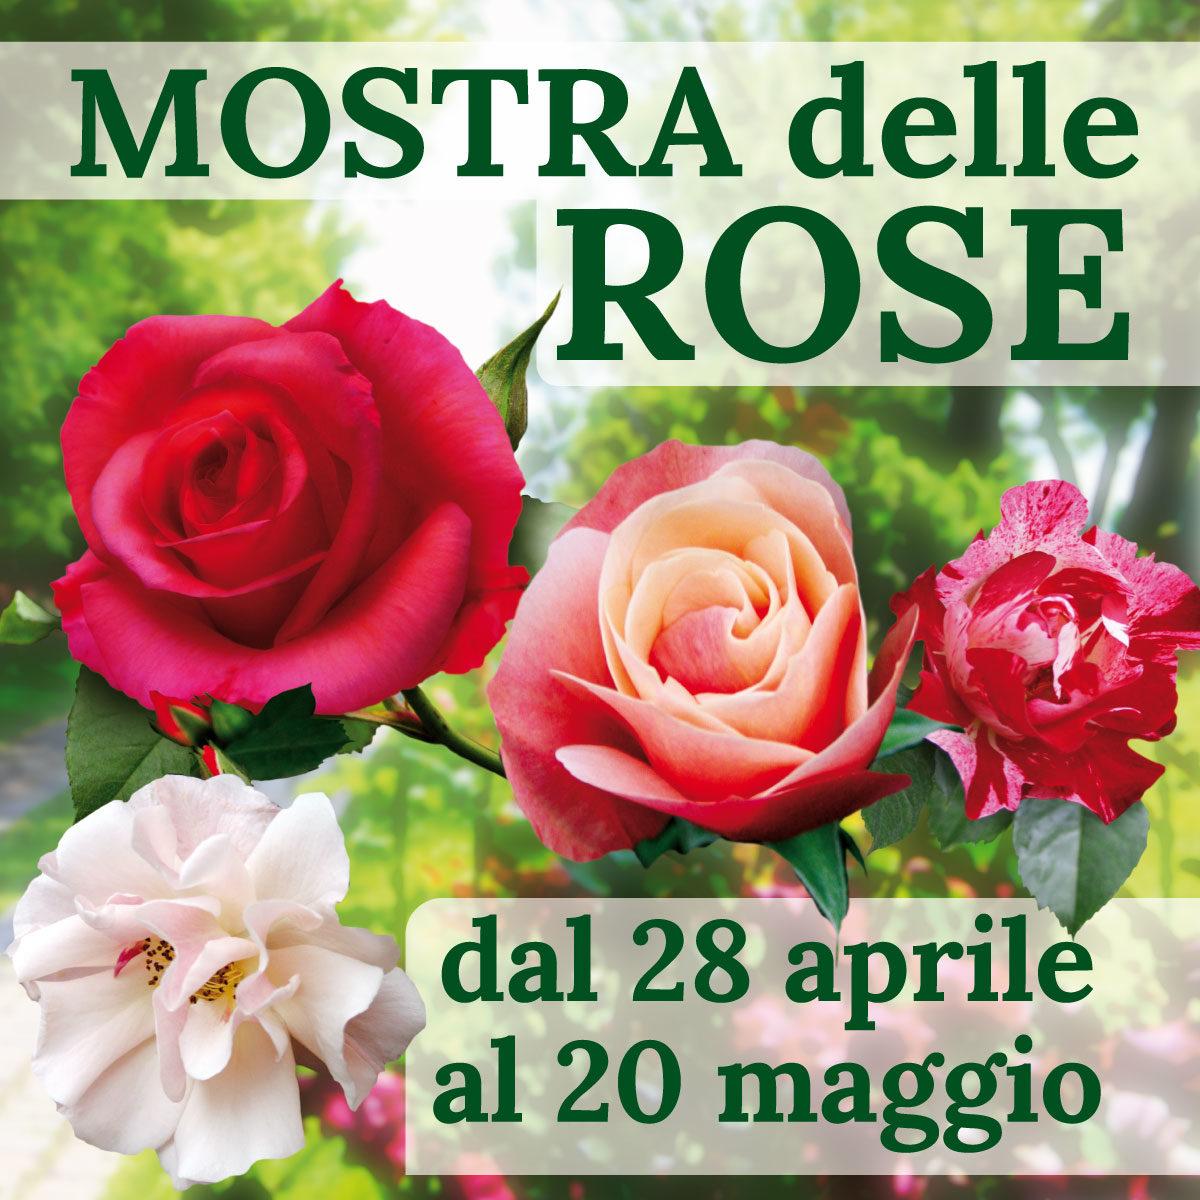 Piante Di Rose Rampicanti mostra delle rose 2018 dal 28 aprile al 20 maggio